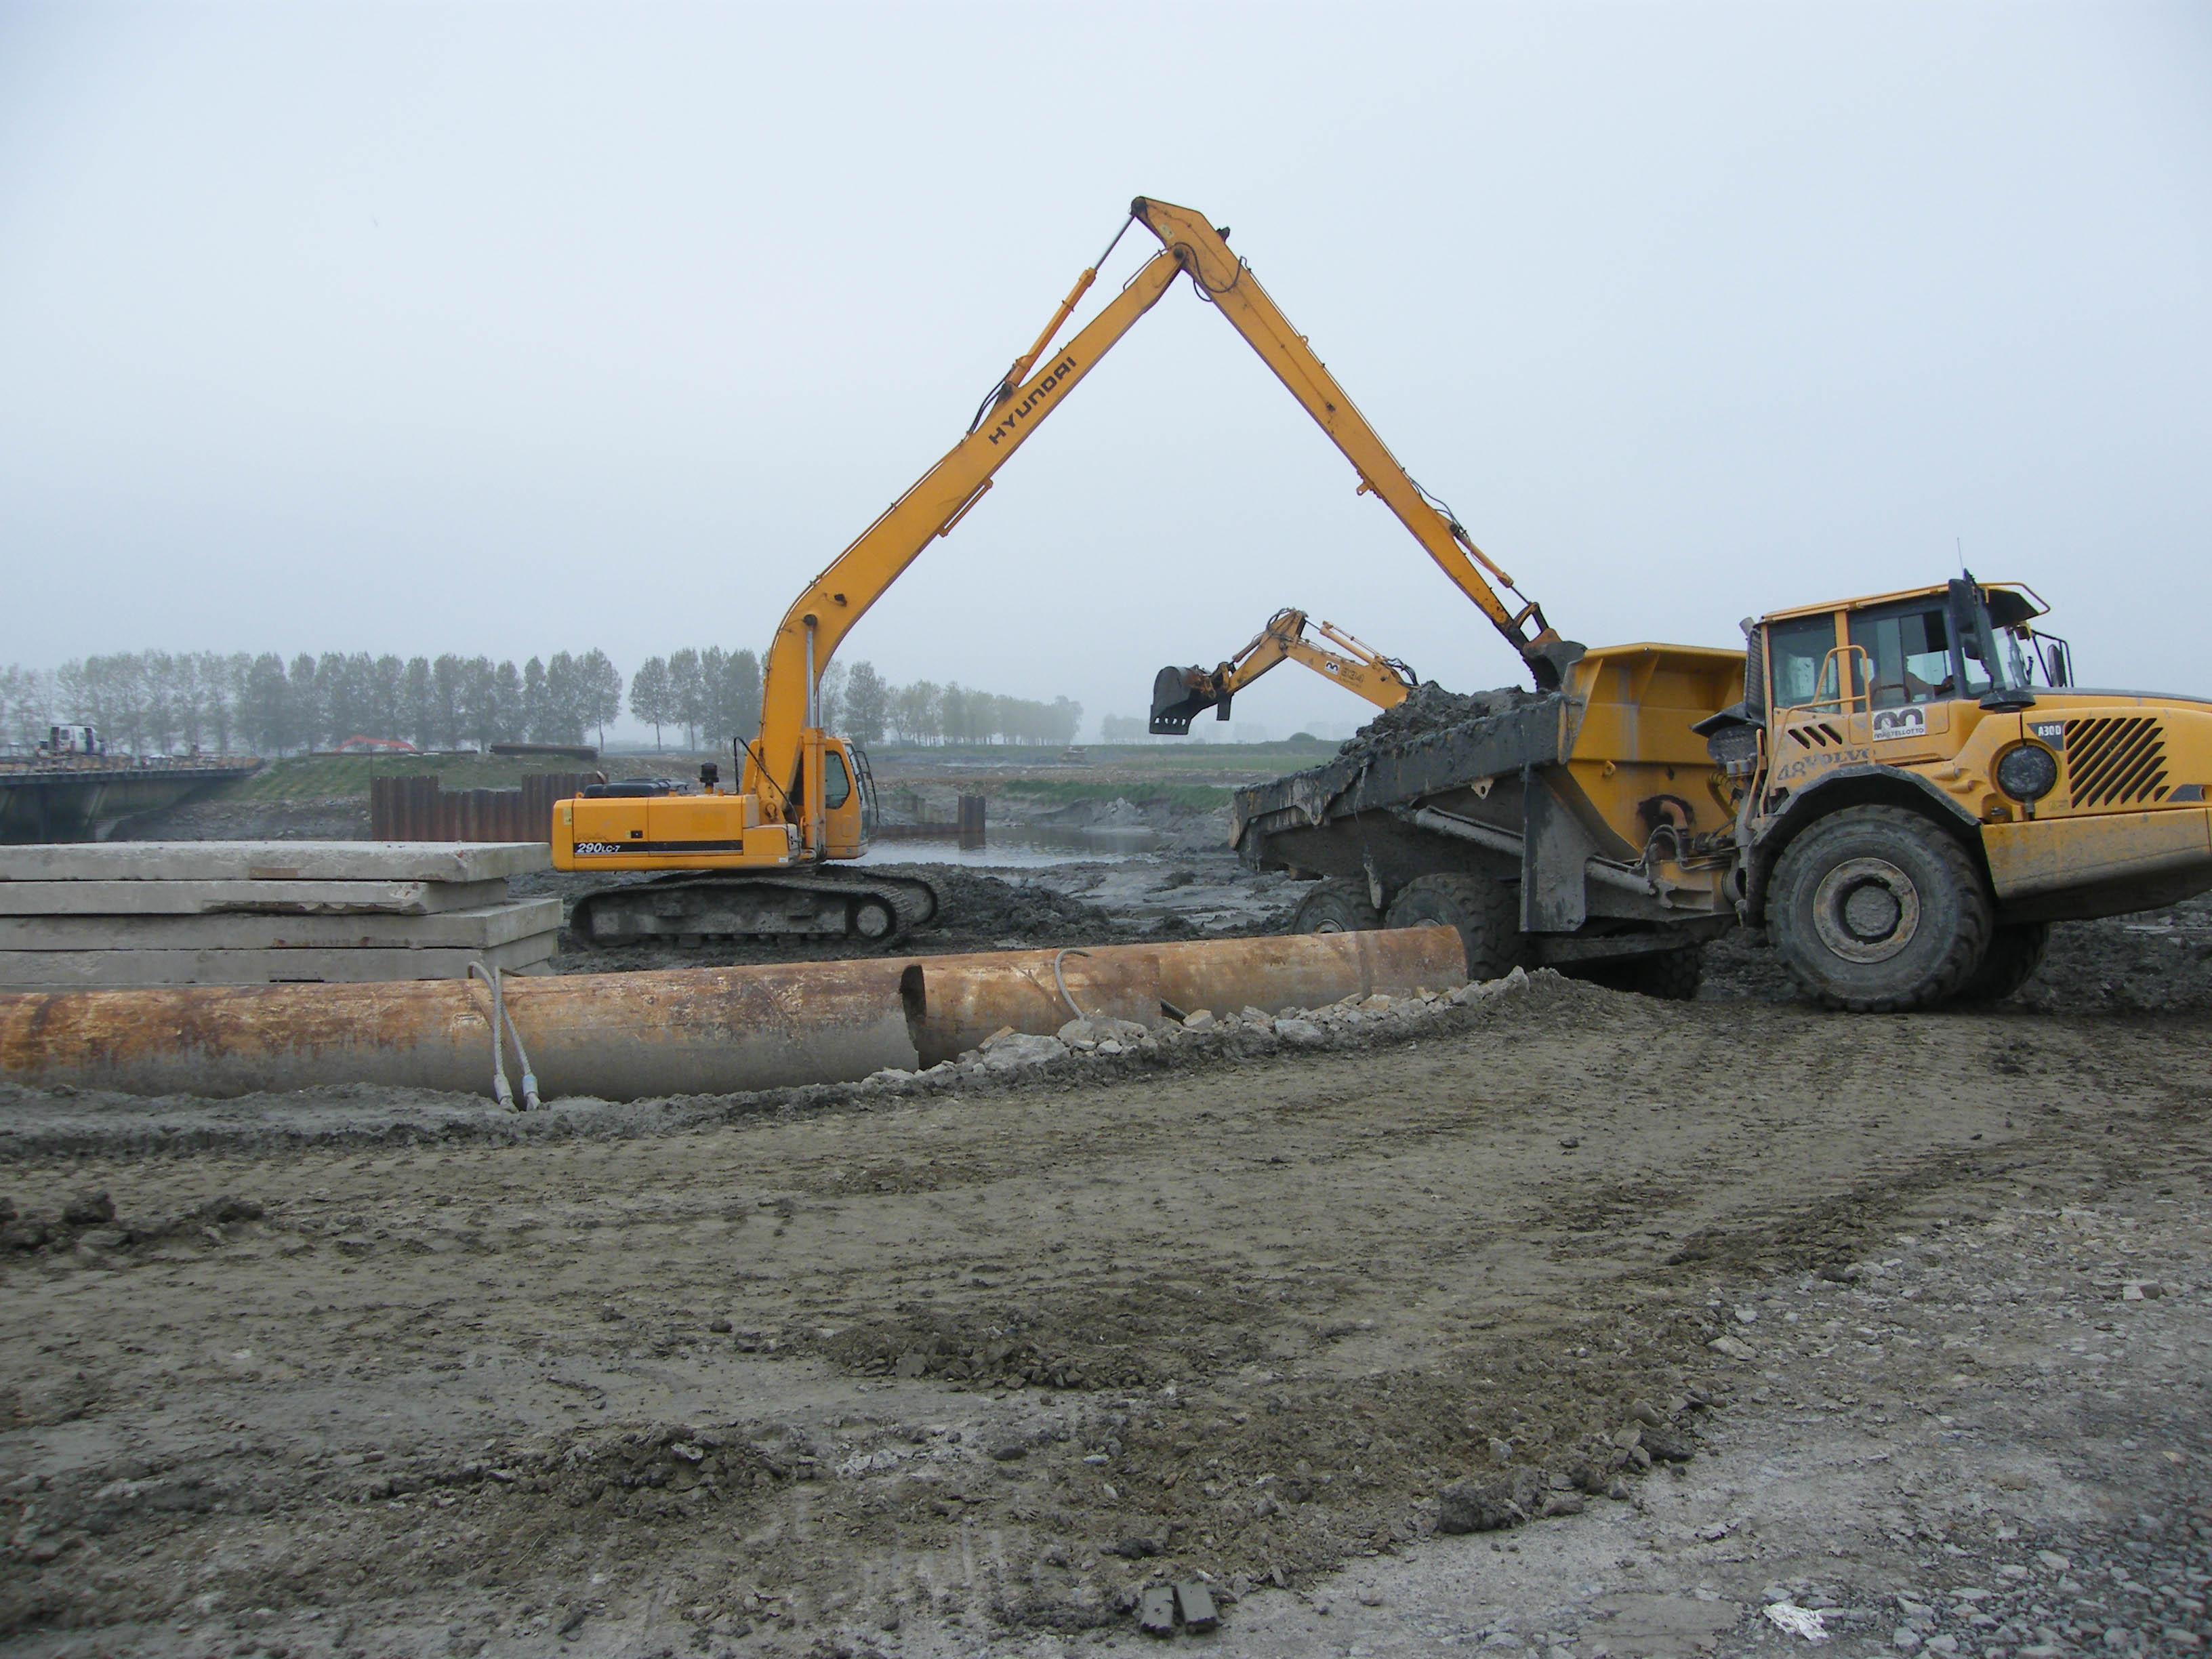 Avancement des travaux du barage du mont saint michel avril 2009 - Mont saint michel travaux ...